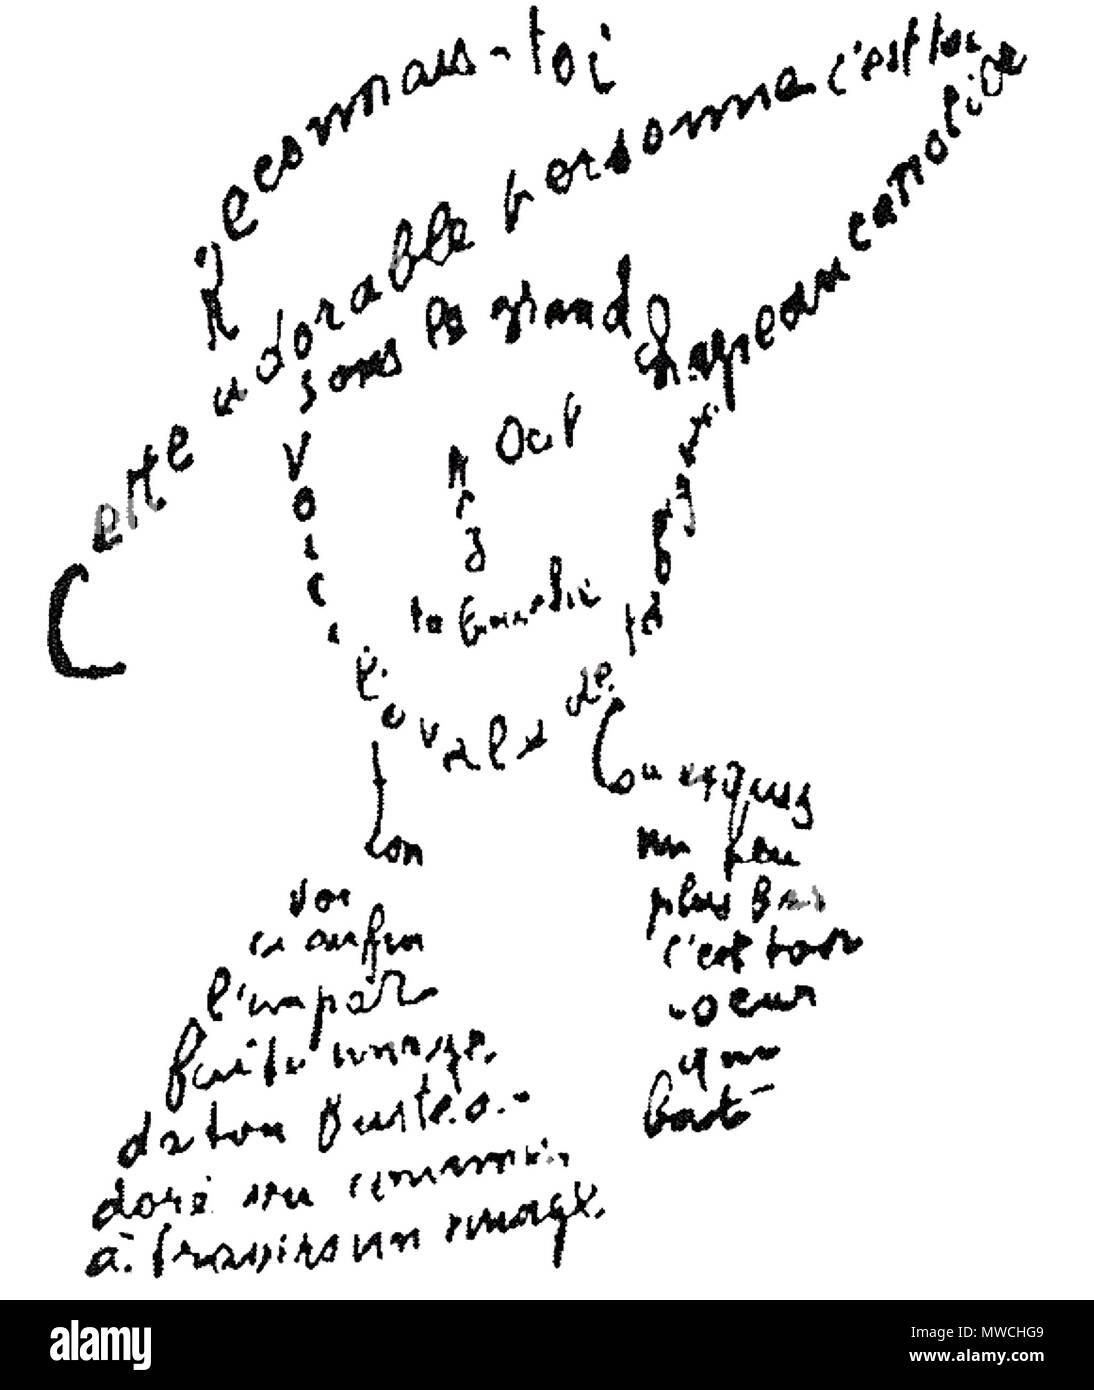 256 Guillaume Apollinaire Calligram Poème Du 9 Février 1915